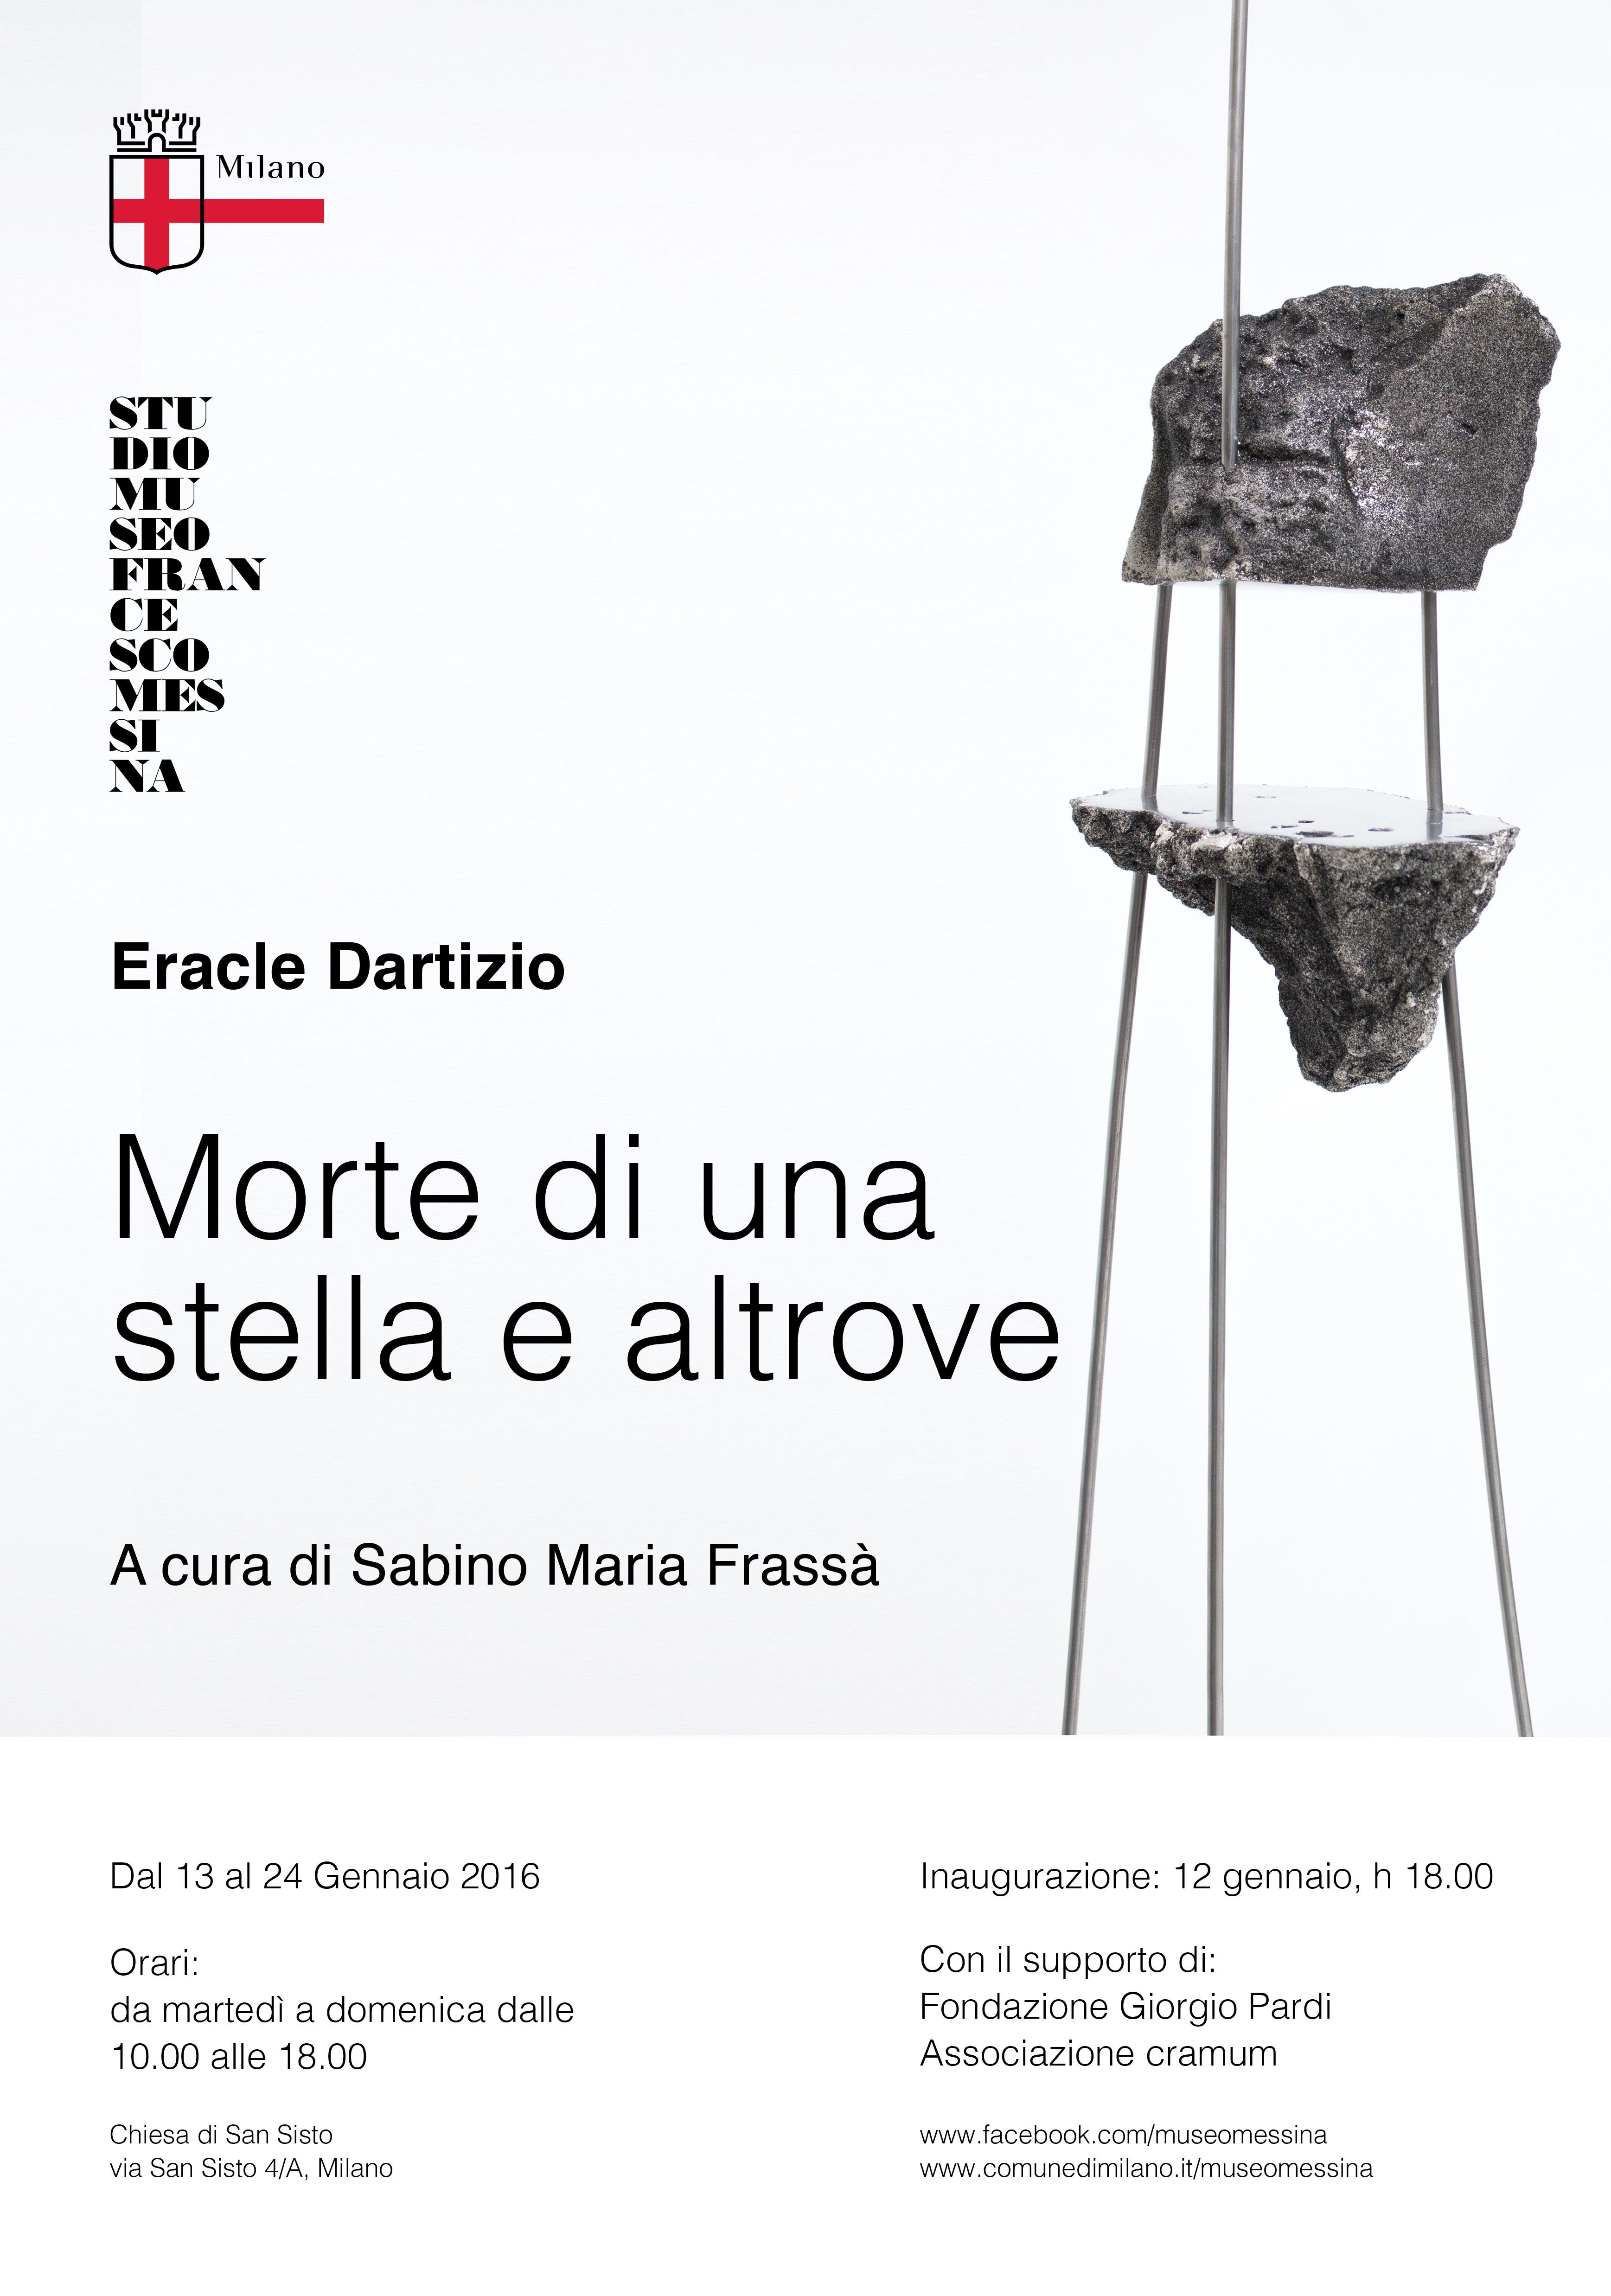 Eracle Dartizio, Morte di una stella e altrove, locandina della mostra